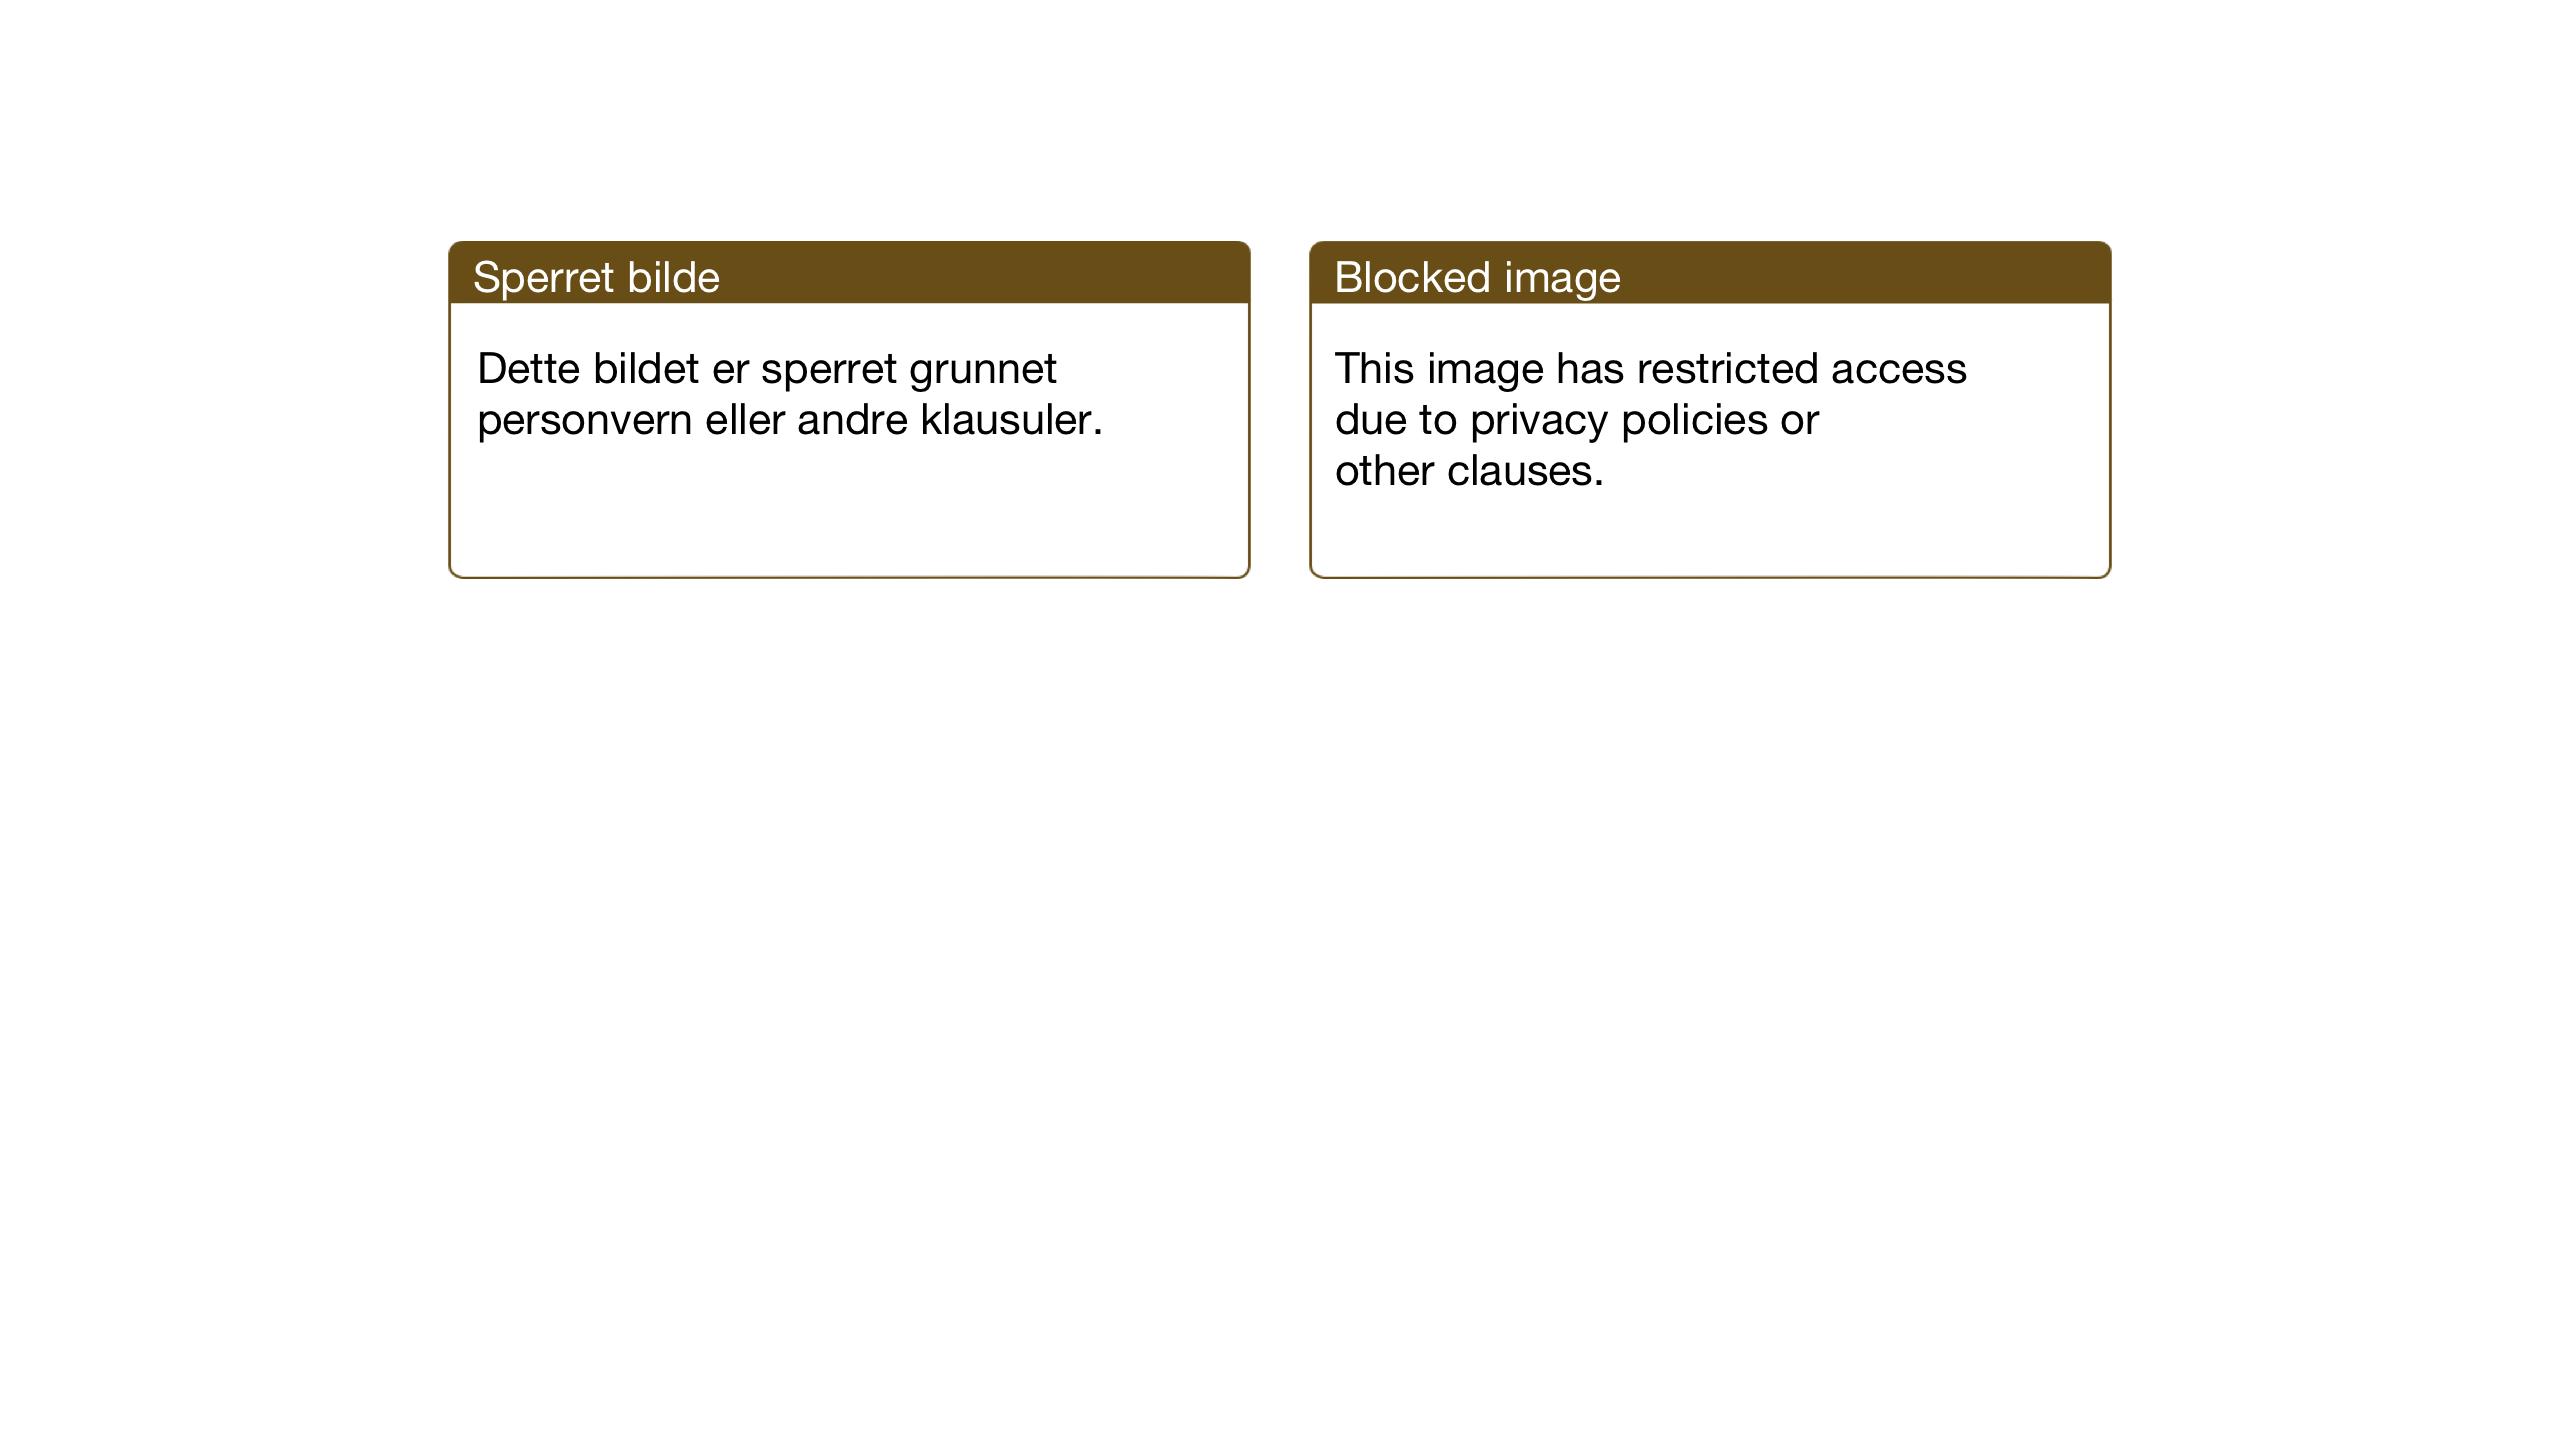 SAT, Ministerialprotokoller, klokkerbøker og fødselsregistre - Nord-Trøndelag, 712/L0104: Klokkerbok nr. 712C02, 1917-1939, s. 72